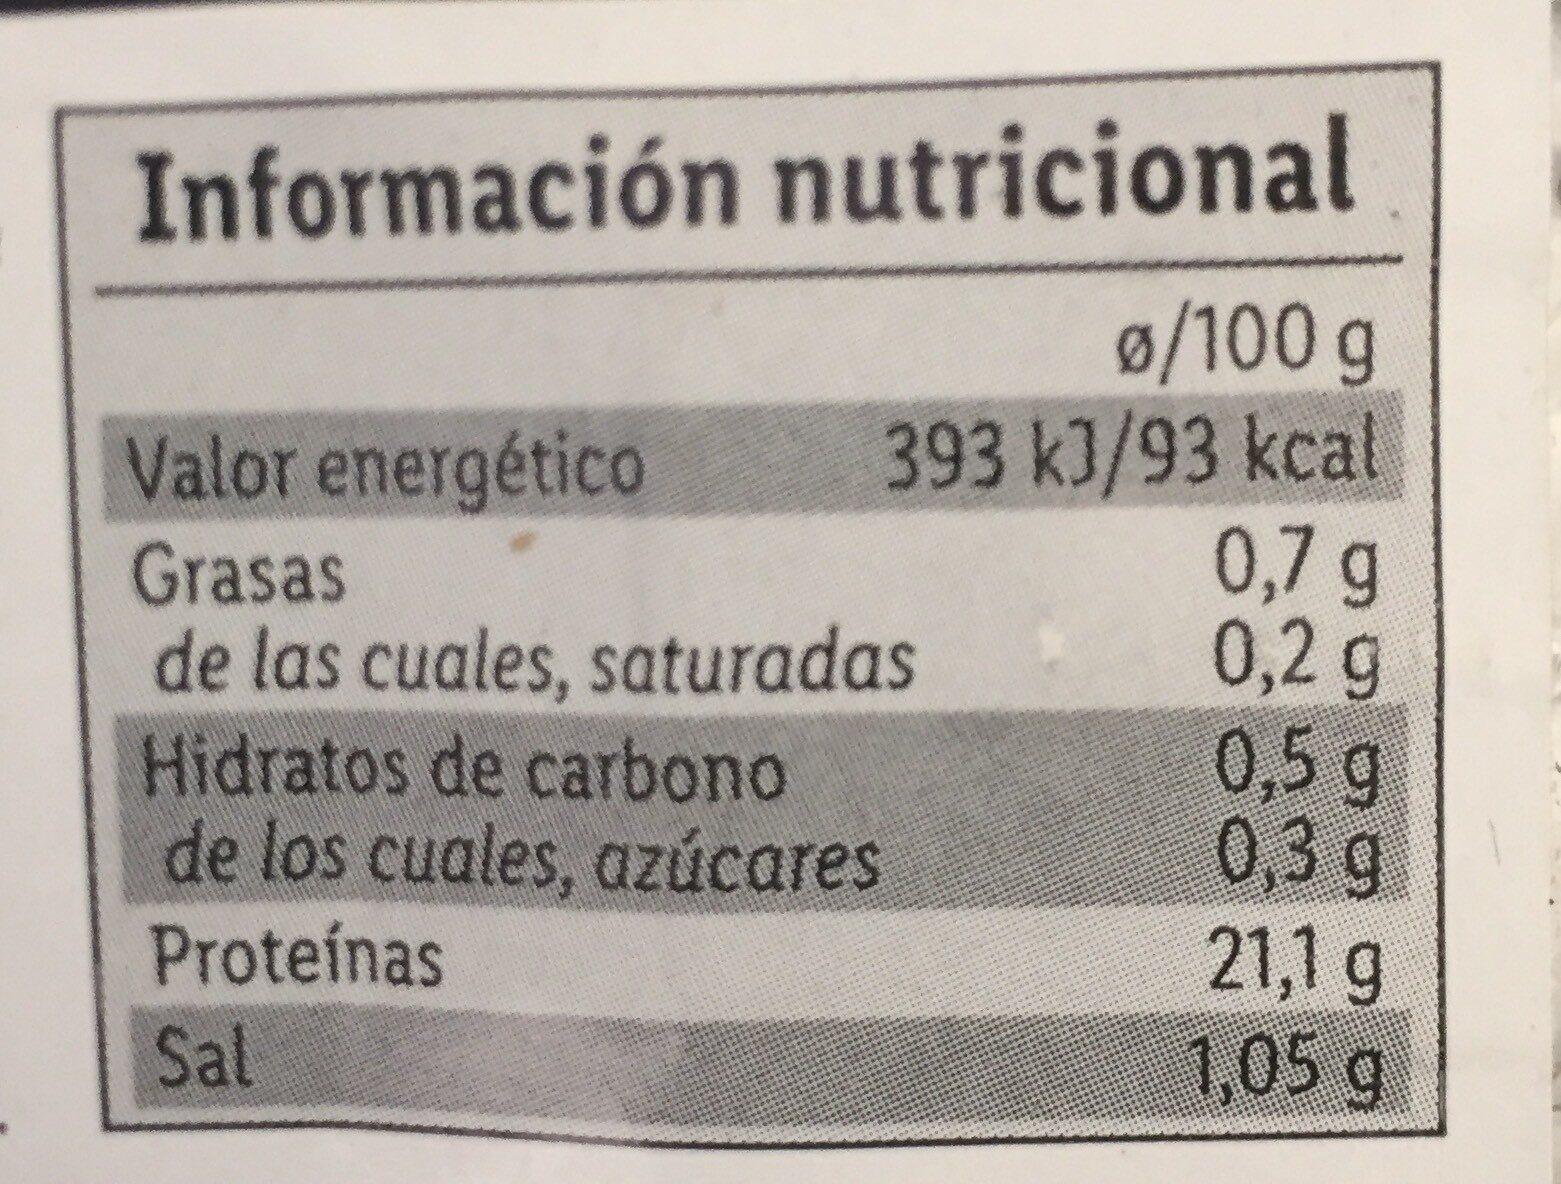 Cintas marinadas de pechuga de pavo - Información nutricional - es